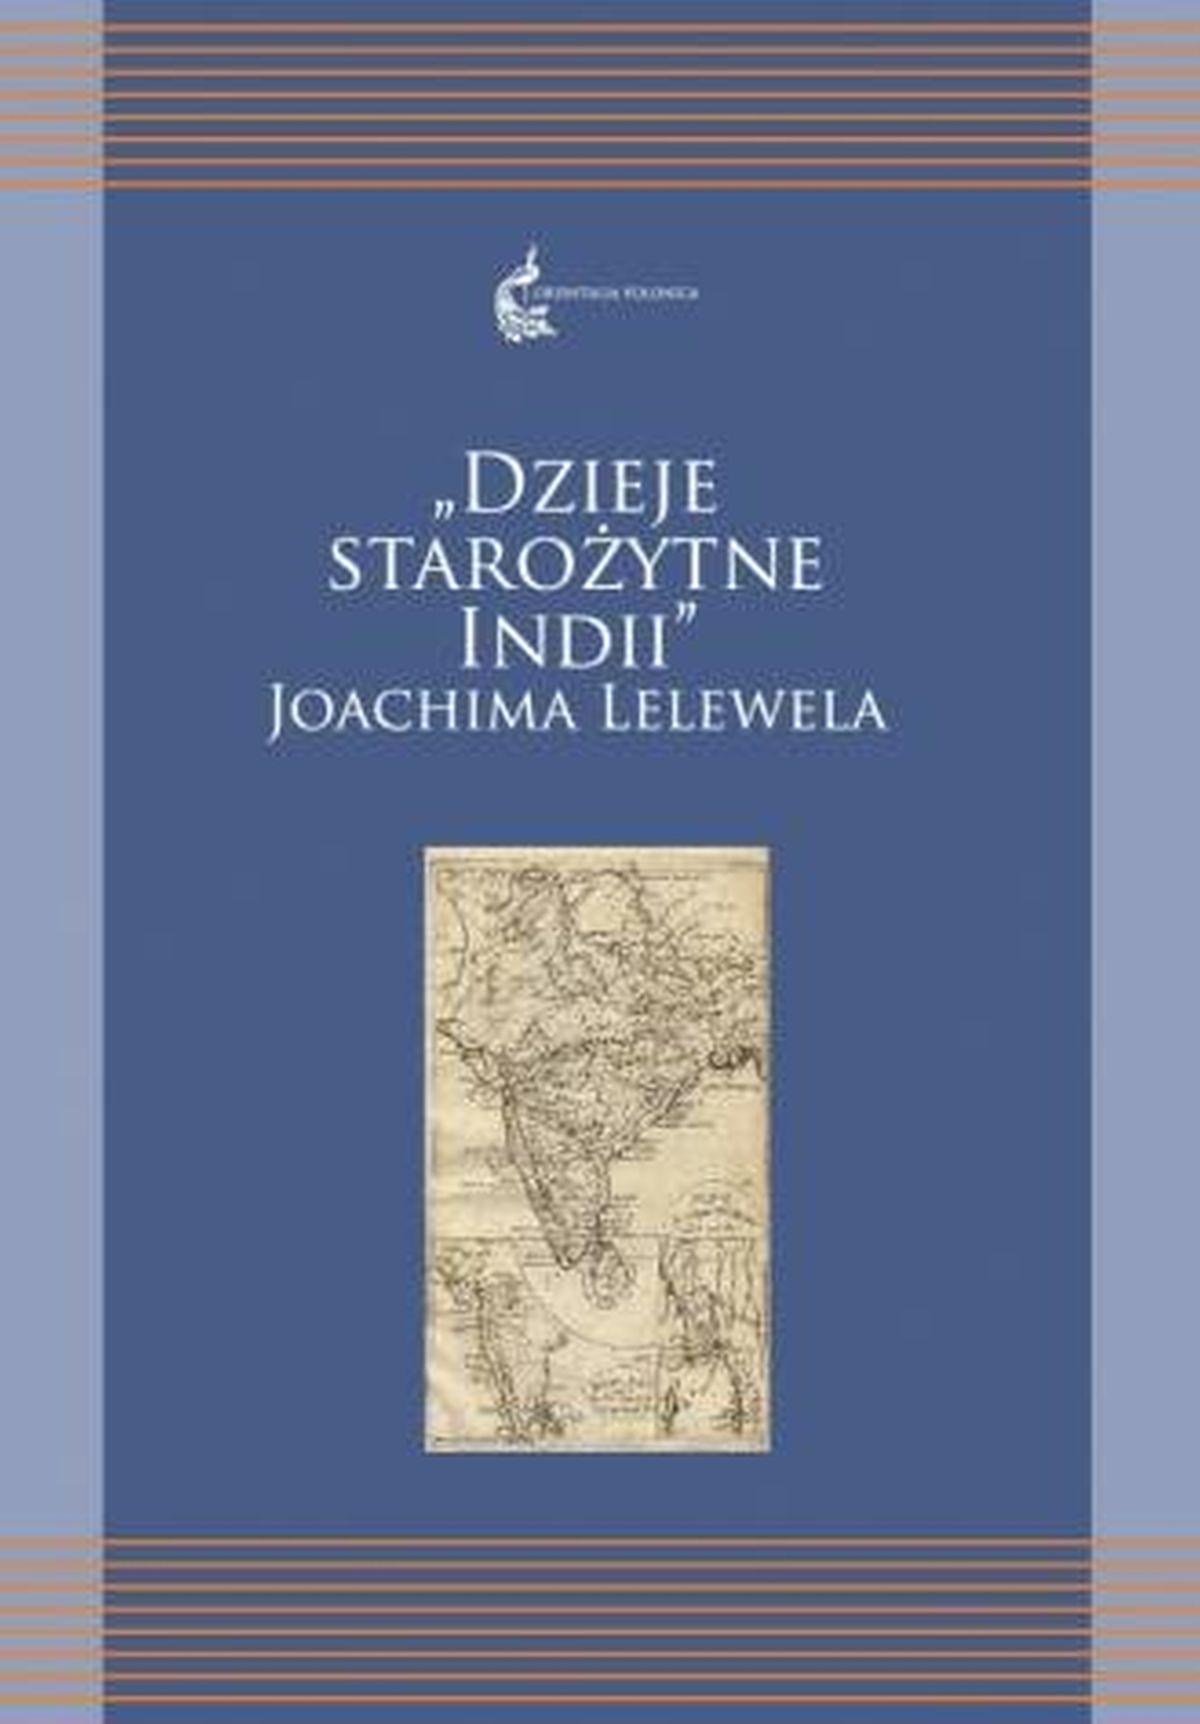 Dzieje starożytnych Indii Joachima Lelewela. Seria: Orientalia Polonica 4